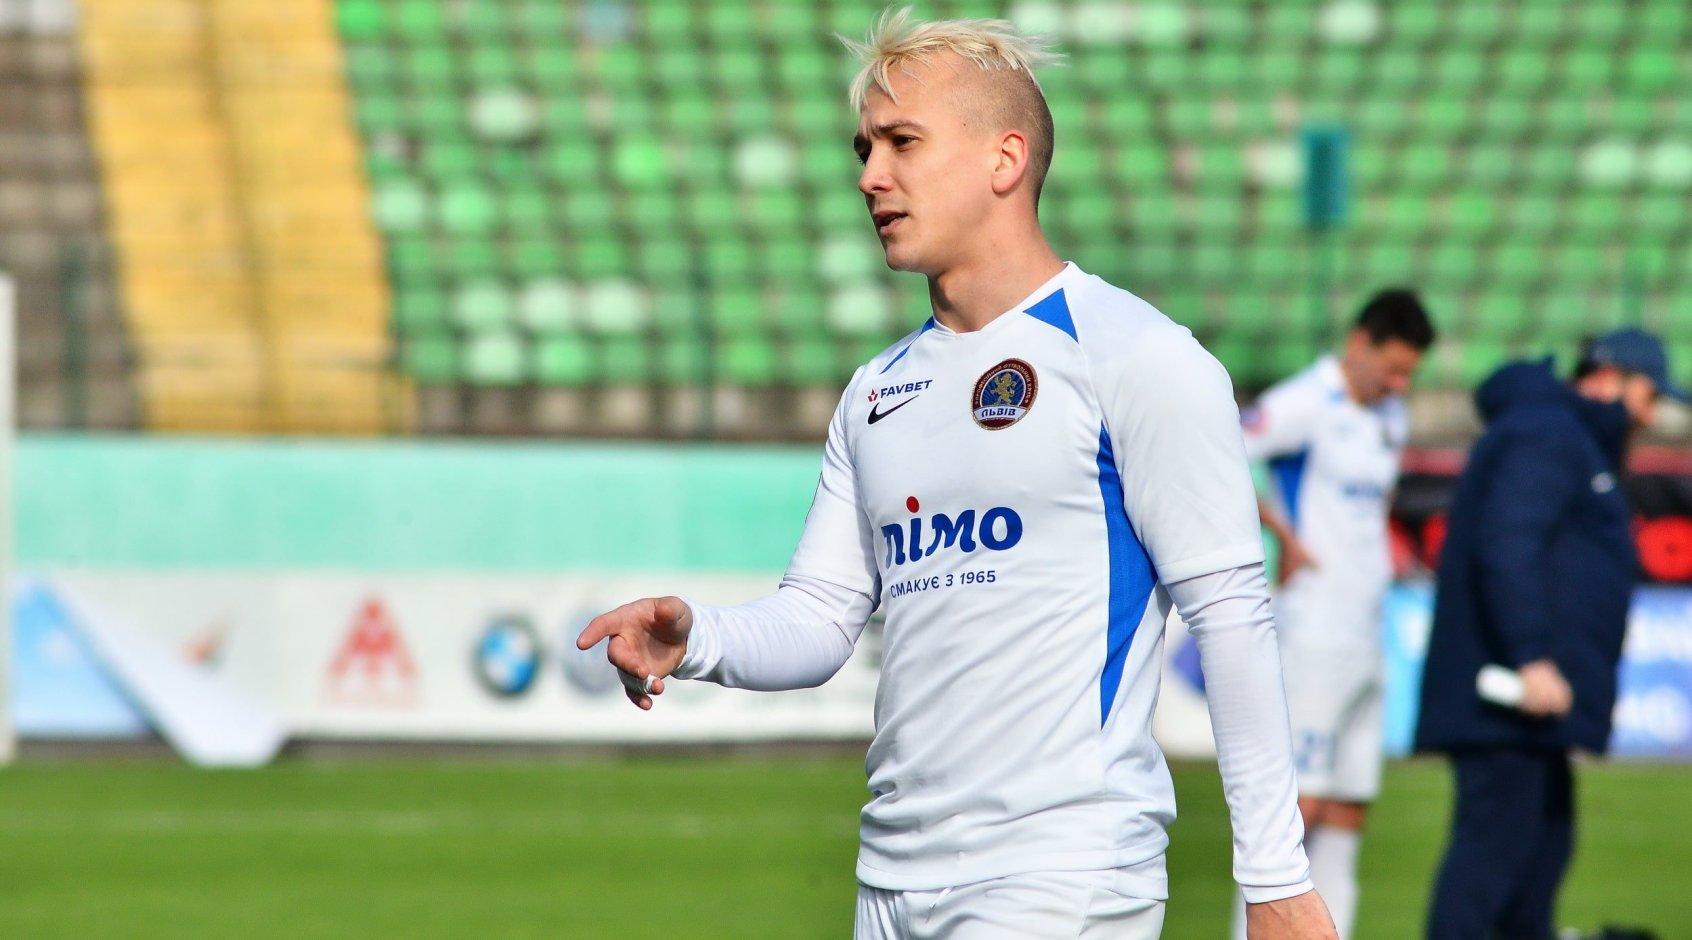 Ярослав Богунов и еще 8 футболистов дисквалифицированы на 2 года за участие в договорных матчах в Беларуси